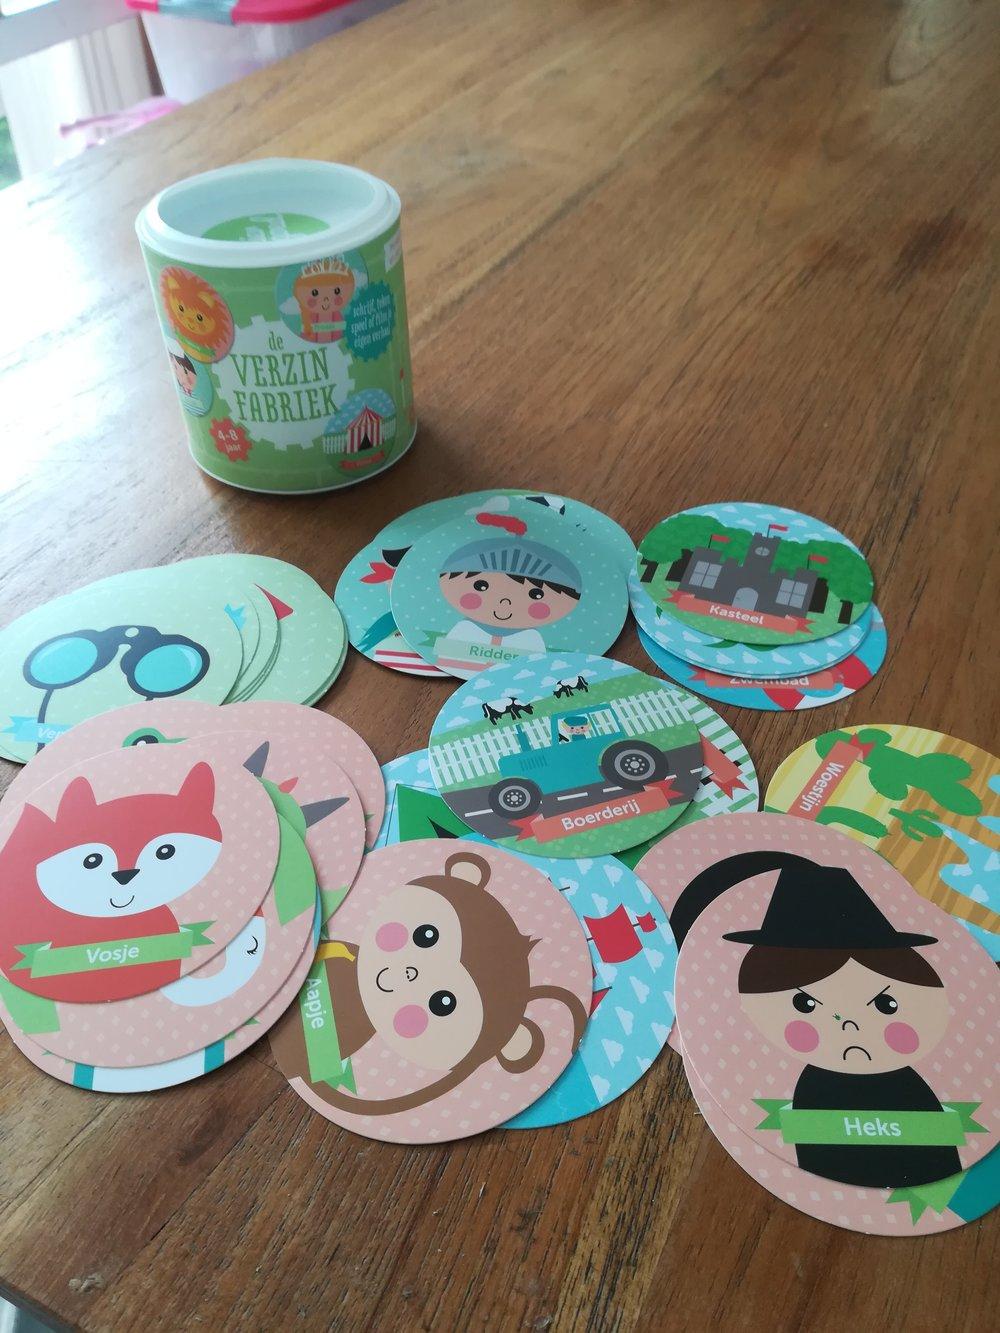 De verzinfabriek - Deze leuke kaartjes zijn voorzien van mooie tekeningen welke staan voor een hoofdrol, bijrol, activiteit en plaats. Je kind kan hiermee zelf een verhaal verzinnen of je doet er een spel mee#samendoen